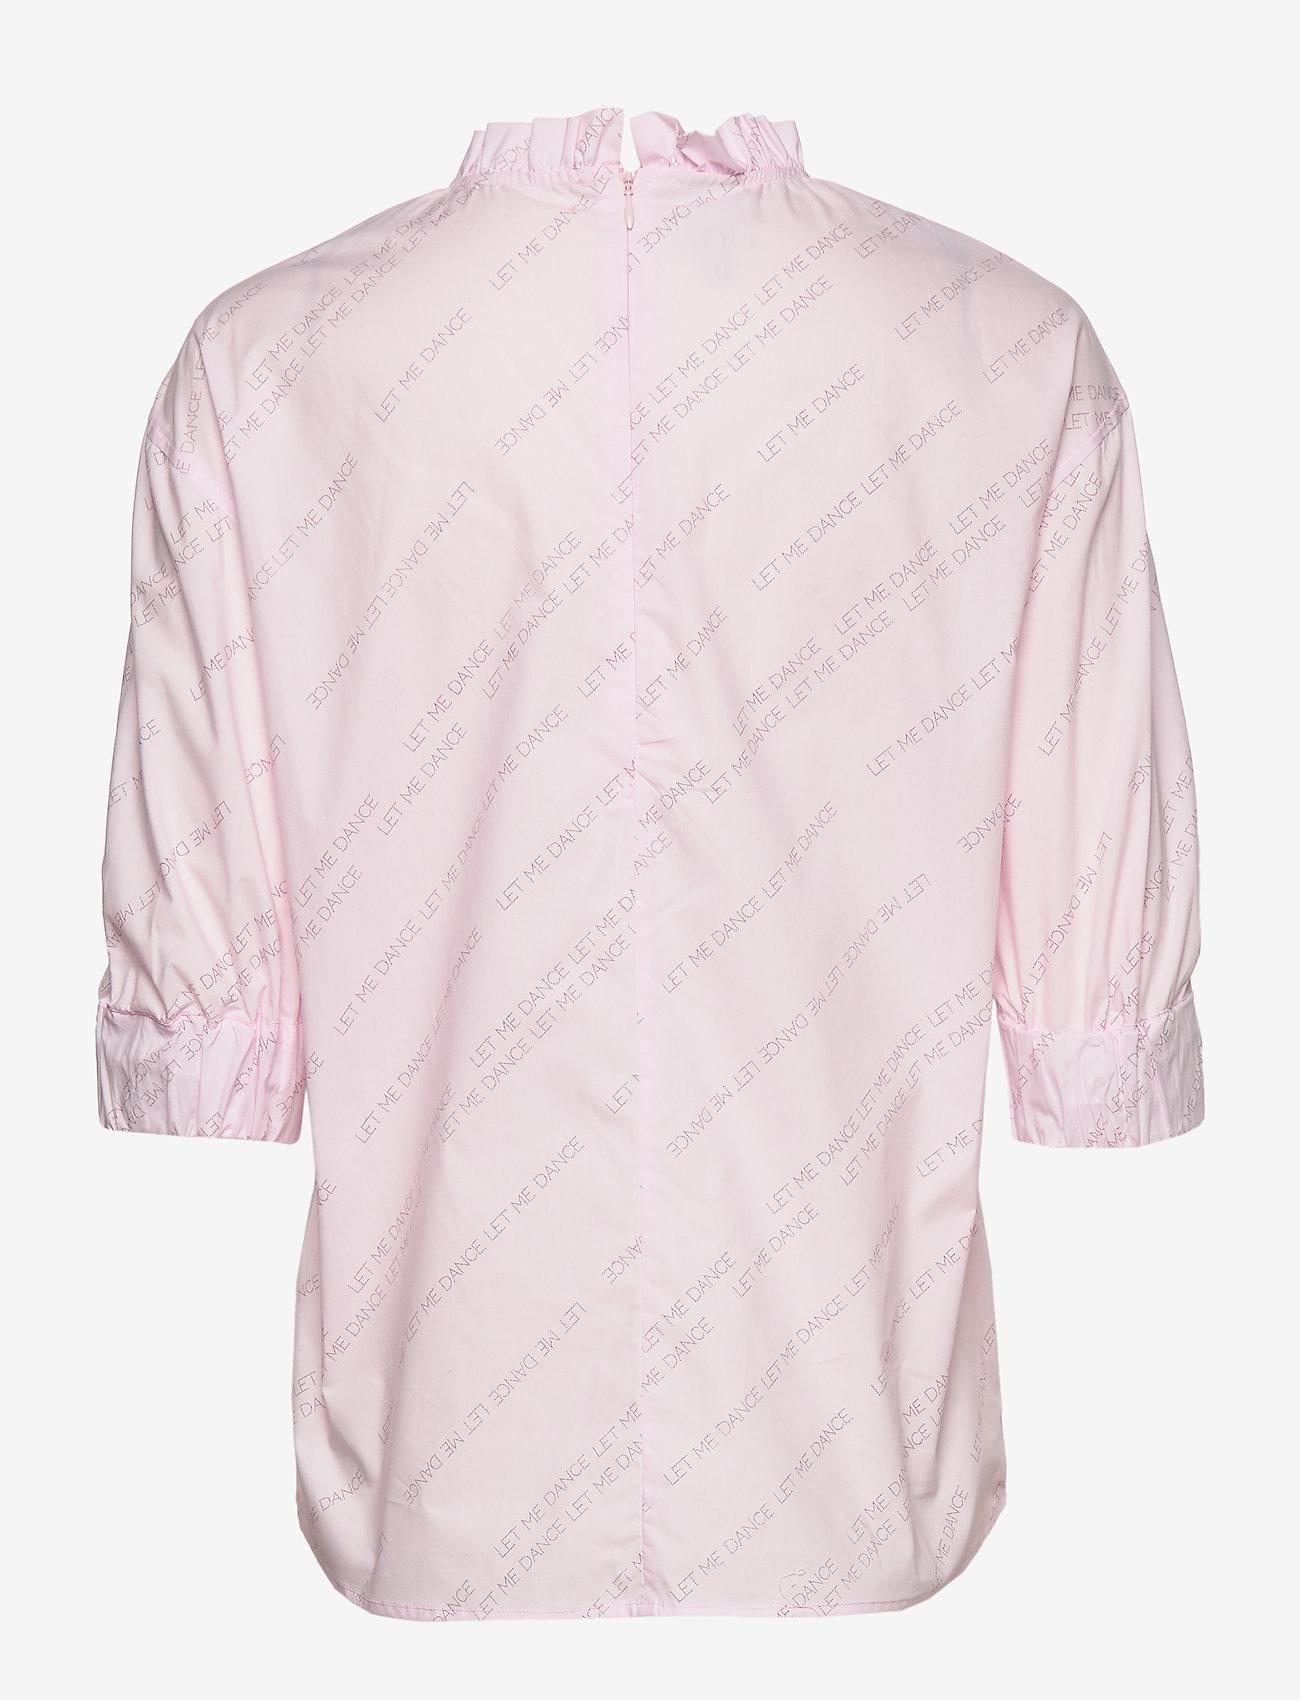 Baum und Pferdgarten - MEADOW - blouses à manches courtes - pink letmedance - 1